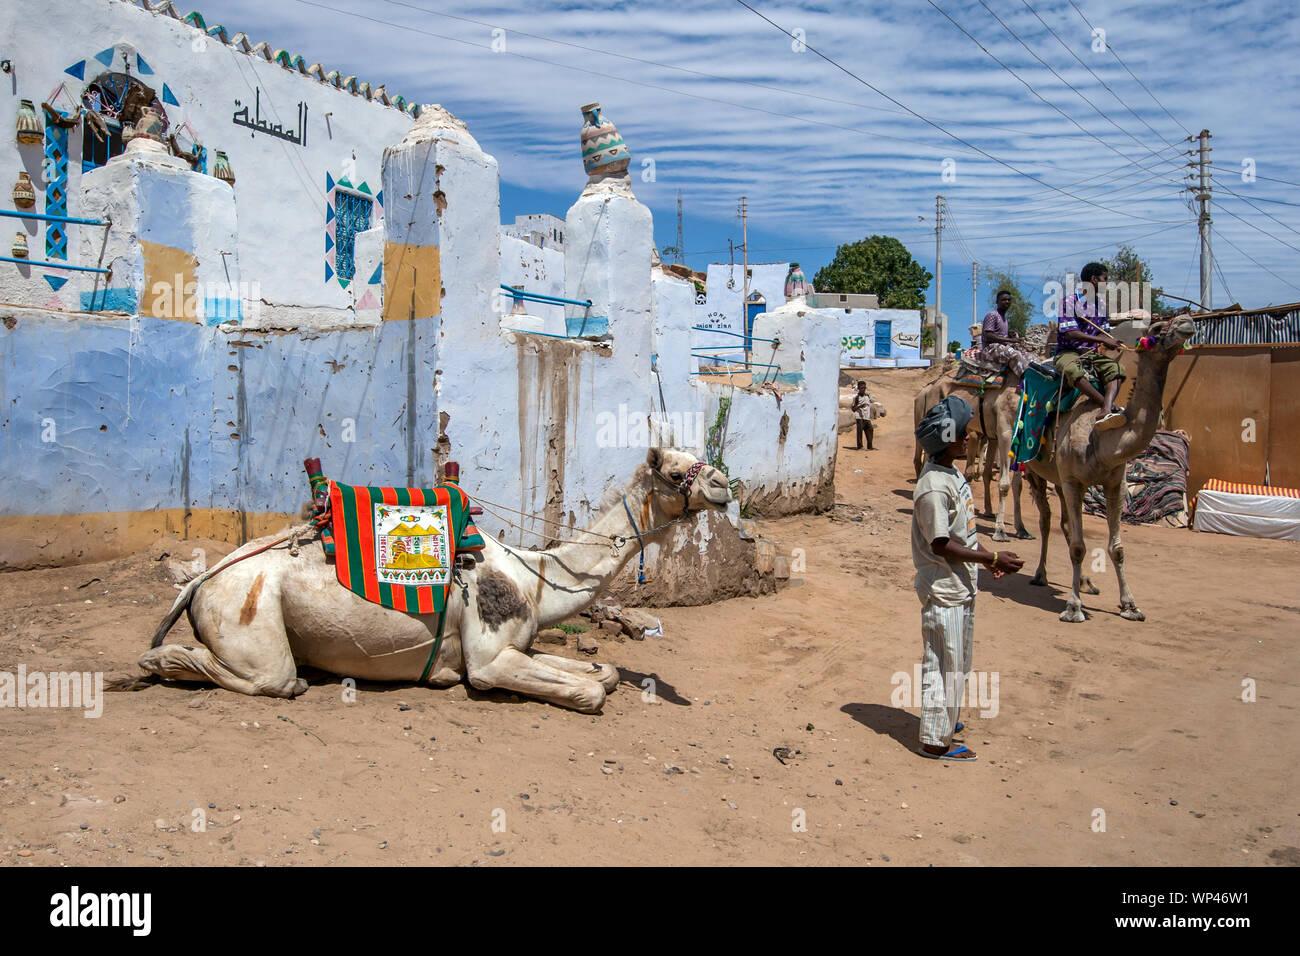 Un camello se relaja en la aldea de Nubia Garb-Sohel tras la realización de un turista a lo largo de la orilla oeste del río Nilo, en la región de Asuán en Egipto. Foto de stock